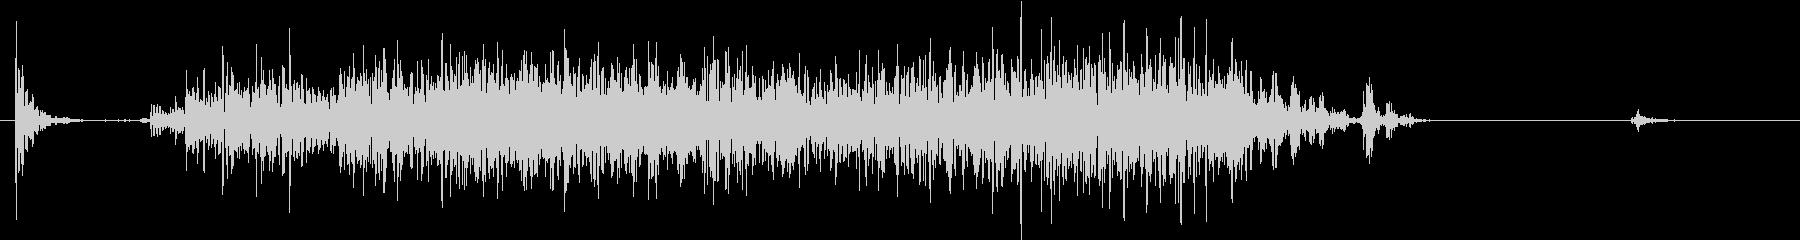 【生録音】ペンで書く音 机 11の未再生の波形